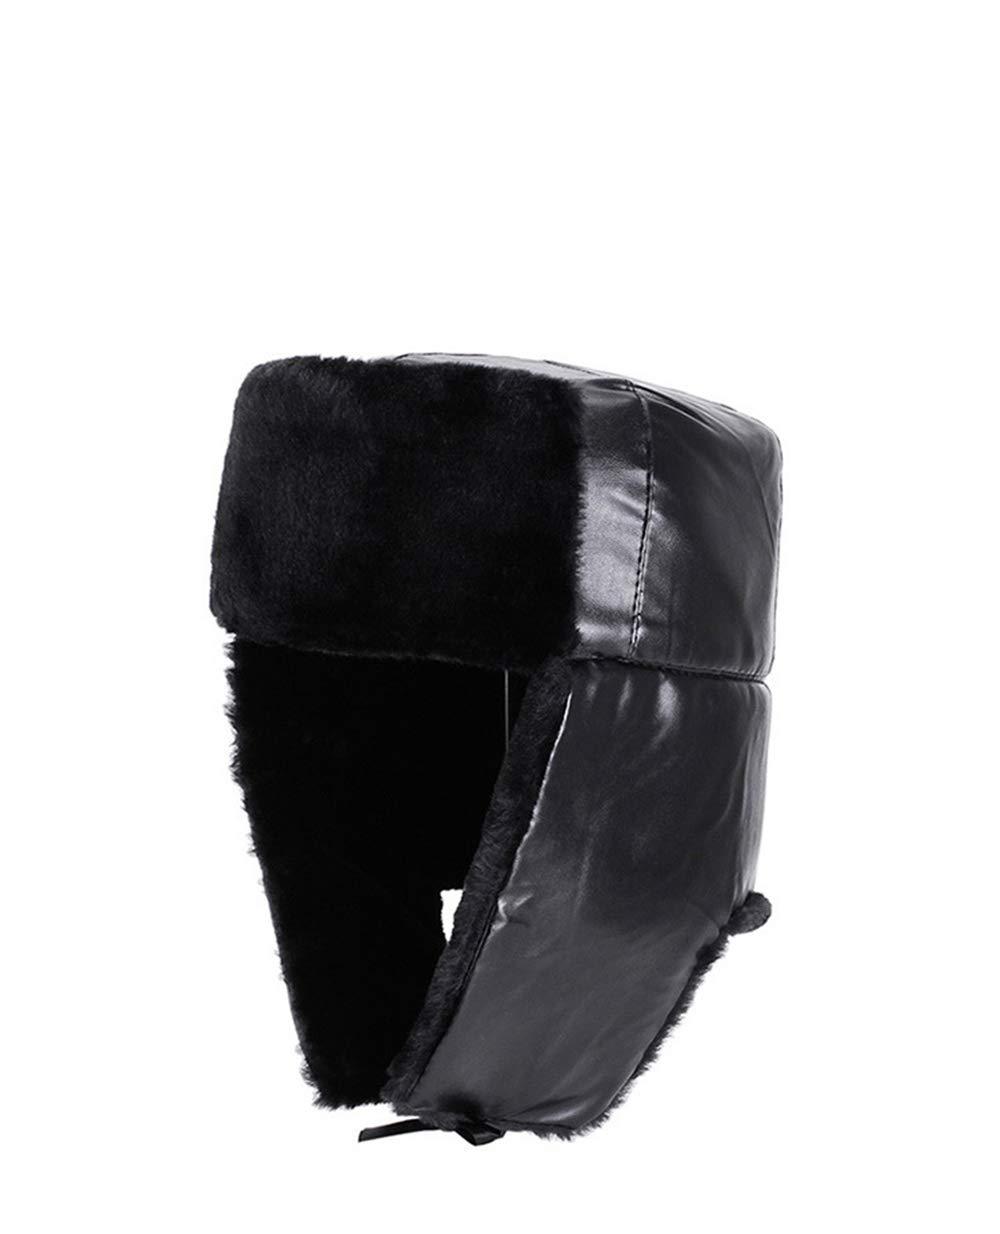 ba3a25a129f51d Qiusa PU Leder Outdoor Hüte für Männer Russische Kosaken Hut Pelz Linie  Ohrenklappen Hüte (Farbe : Schwarz, Größe : 58 cm): Amazon.de: Küche &  Haushalt